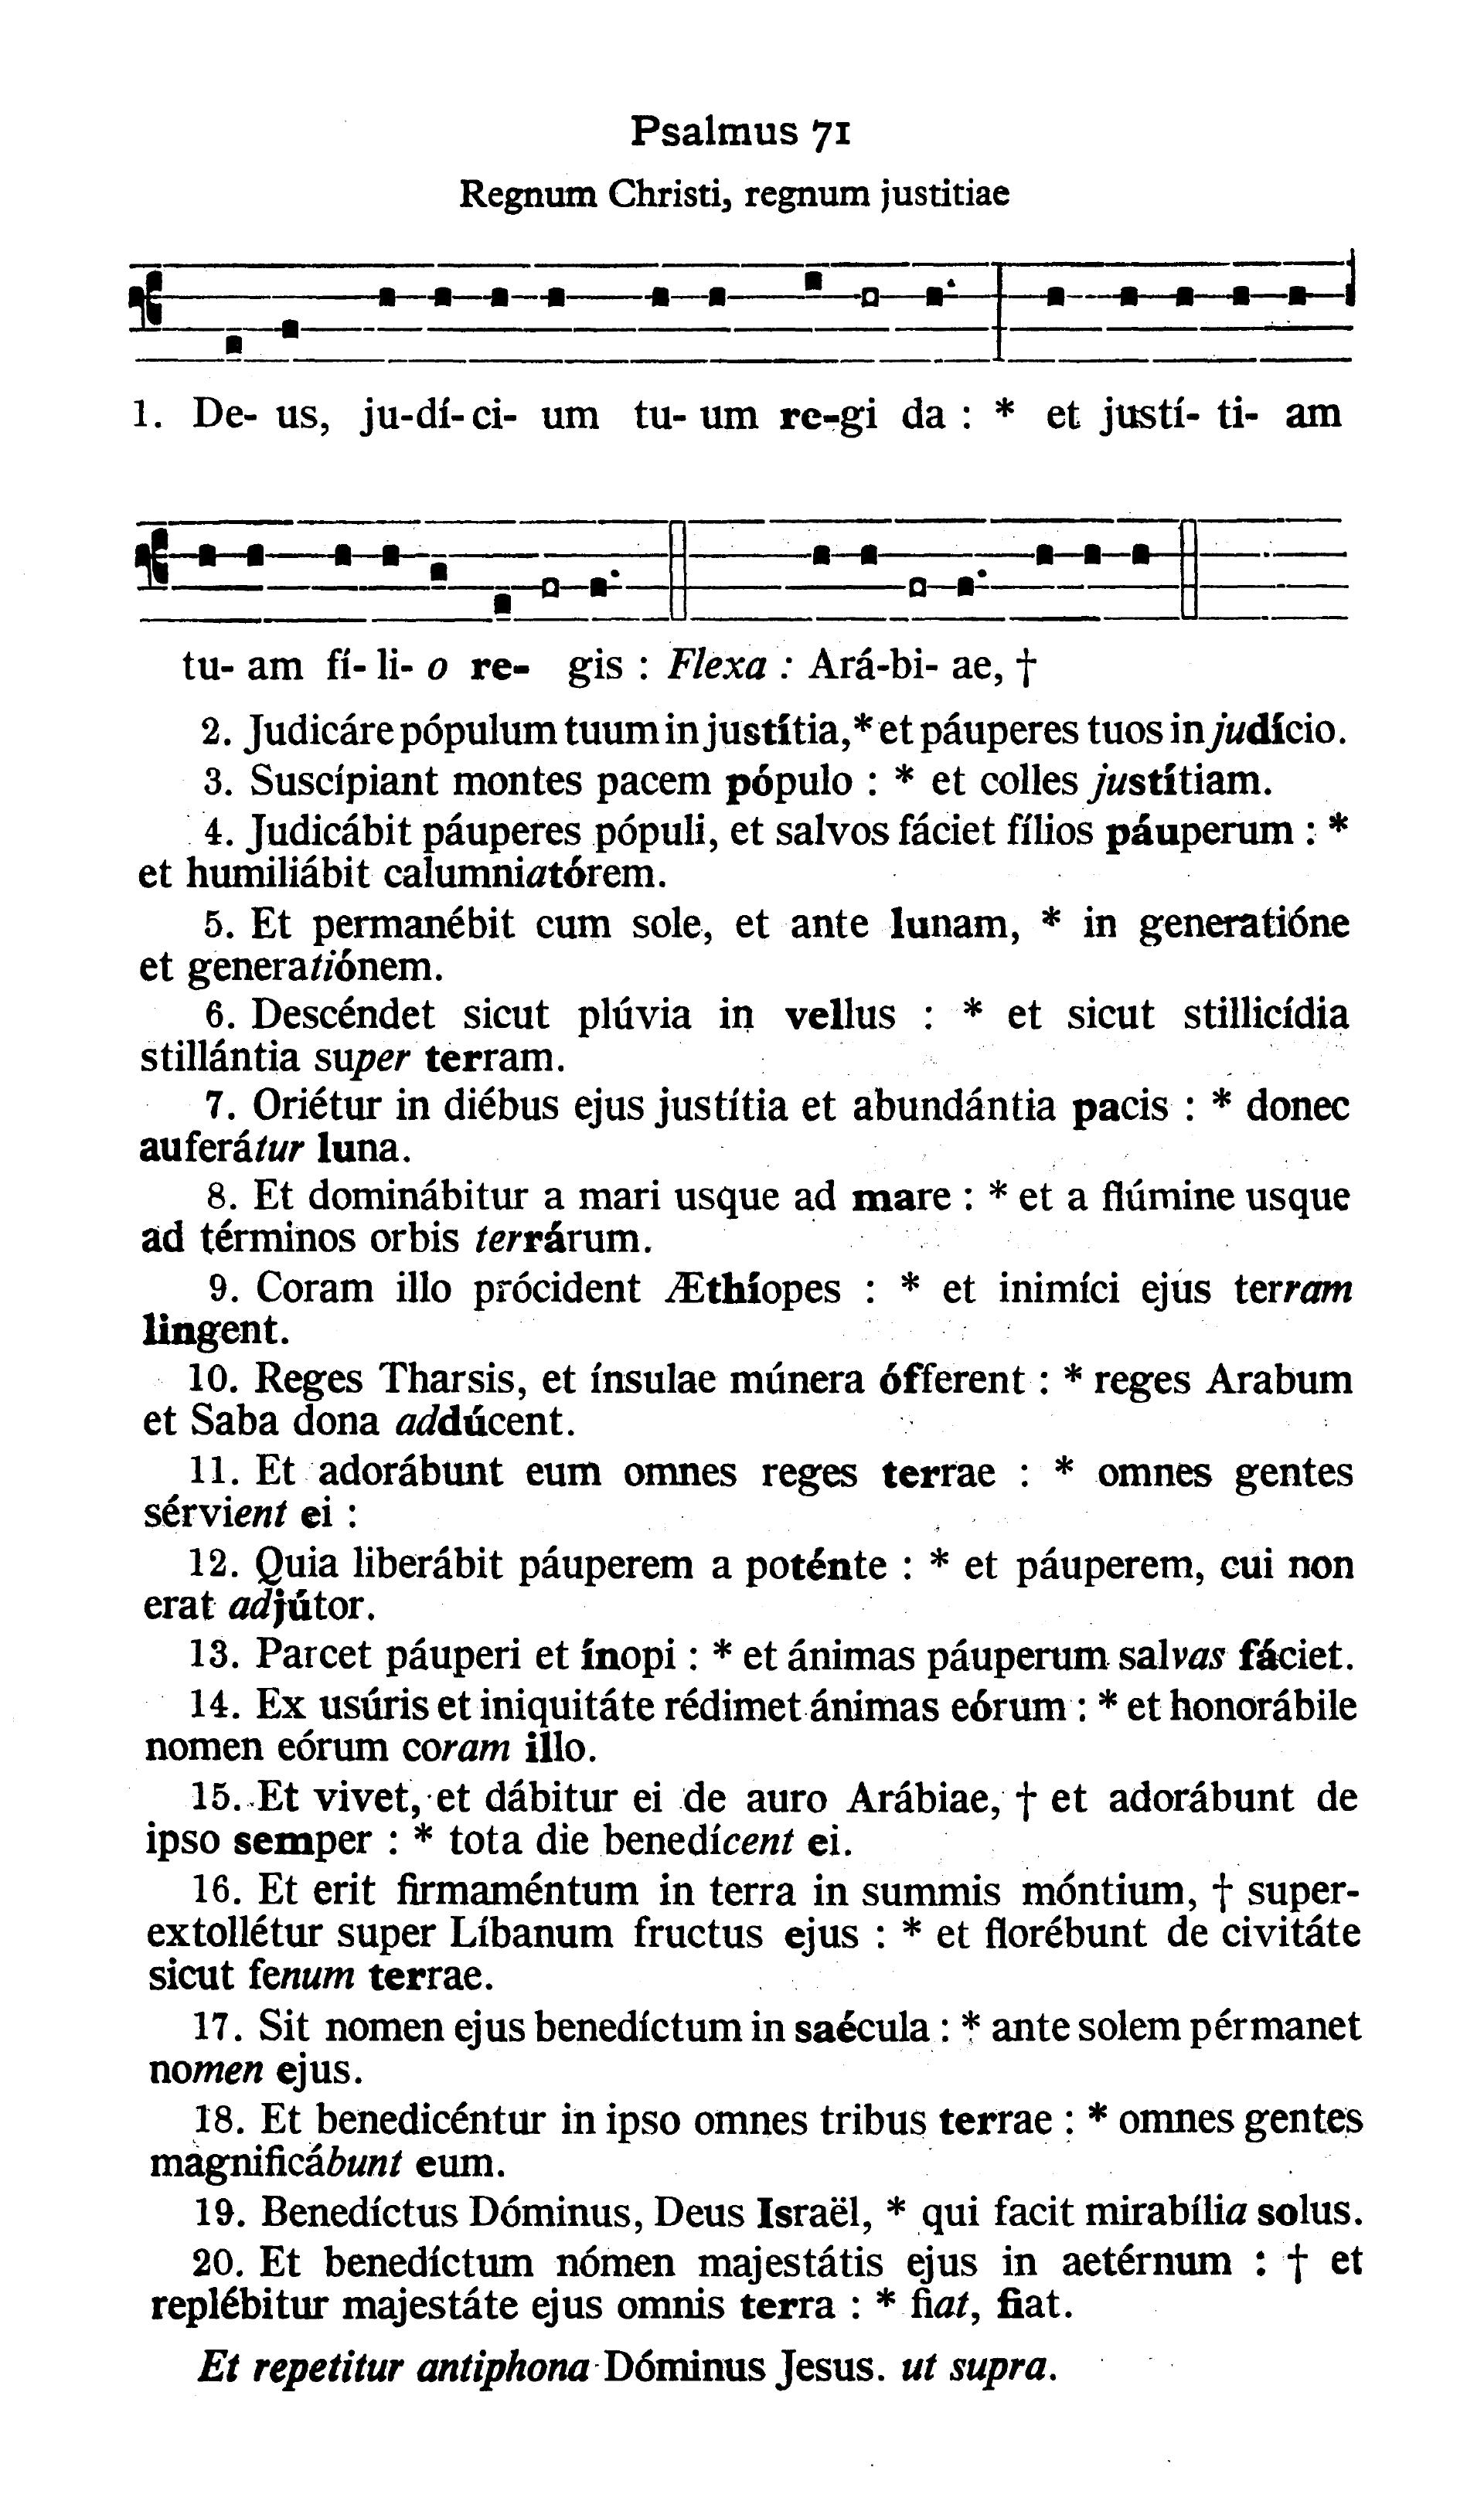 Feria V in Cena Domini (Holy Thursday) - Psalmus (Deus iudicium tuum regi da)